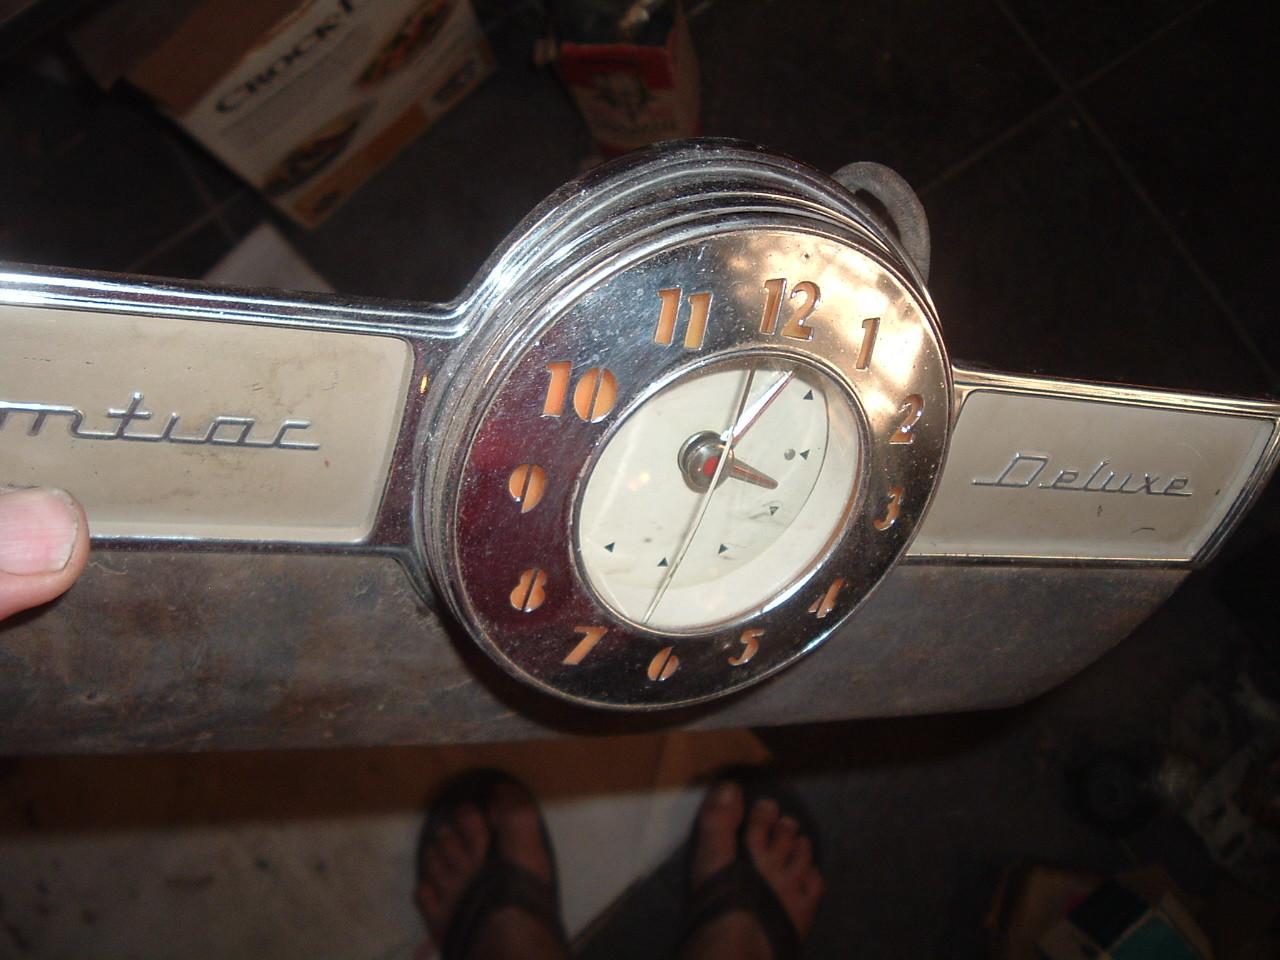 1939 pontiac deluxe glove box door with dash clock (z 39 pontiac clock )